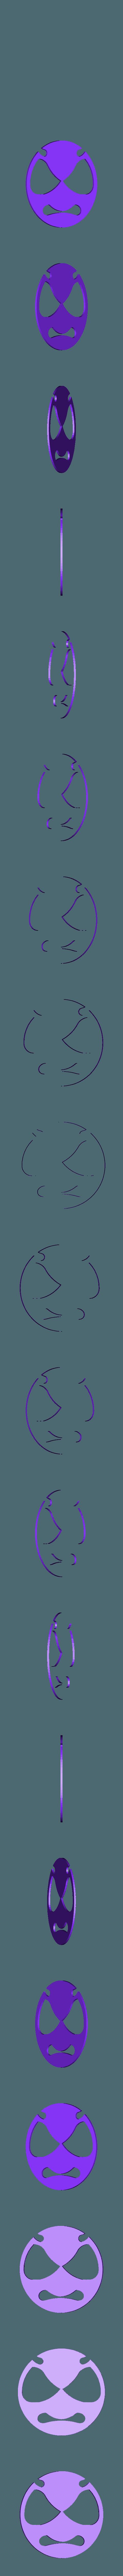 devil red part 1 by ctrl design.stl Download STL file devil emoji cam cover • 3D printable design, Byctrldesign